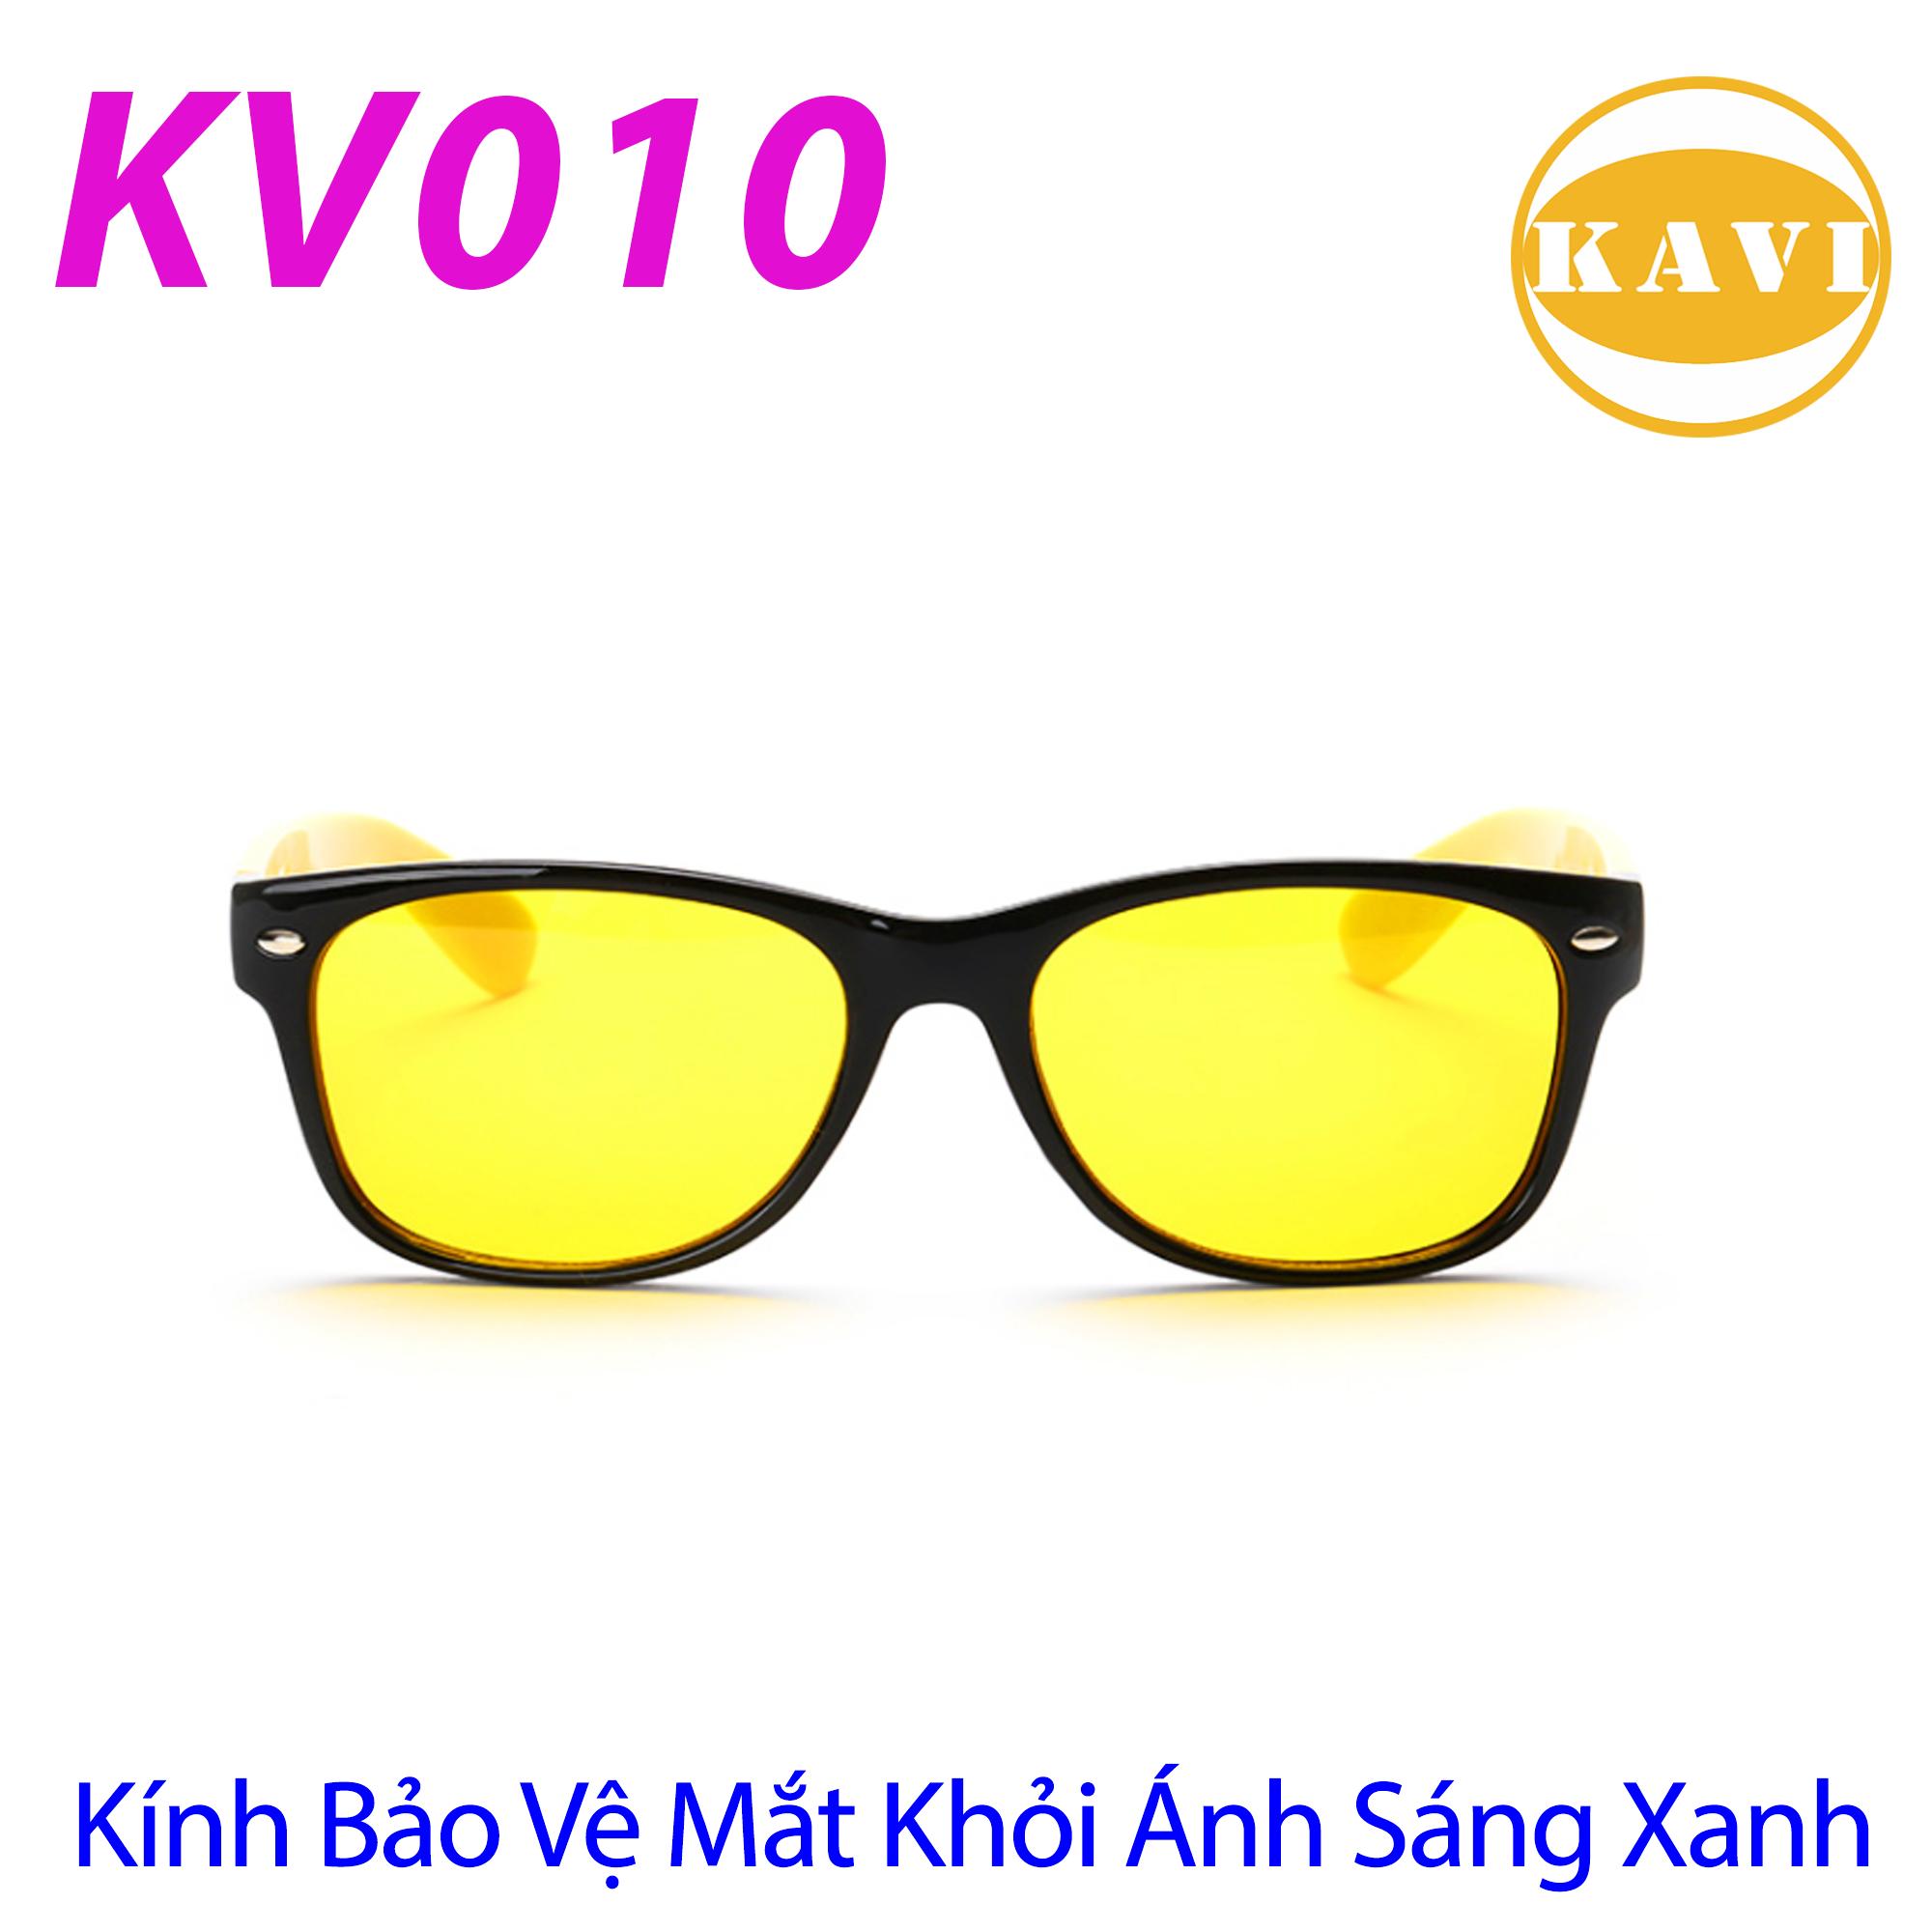 kính KV 010